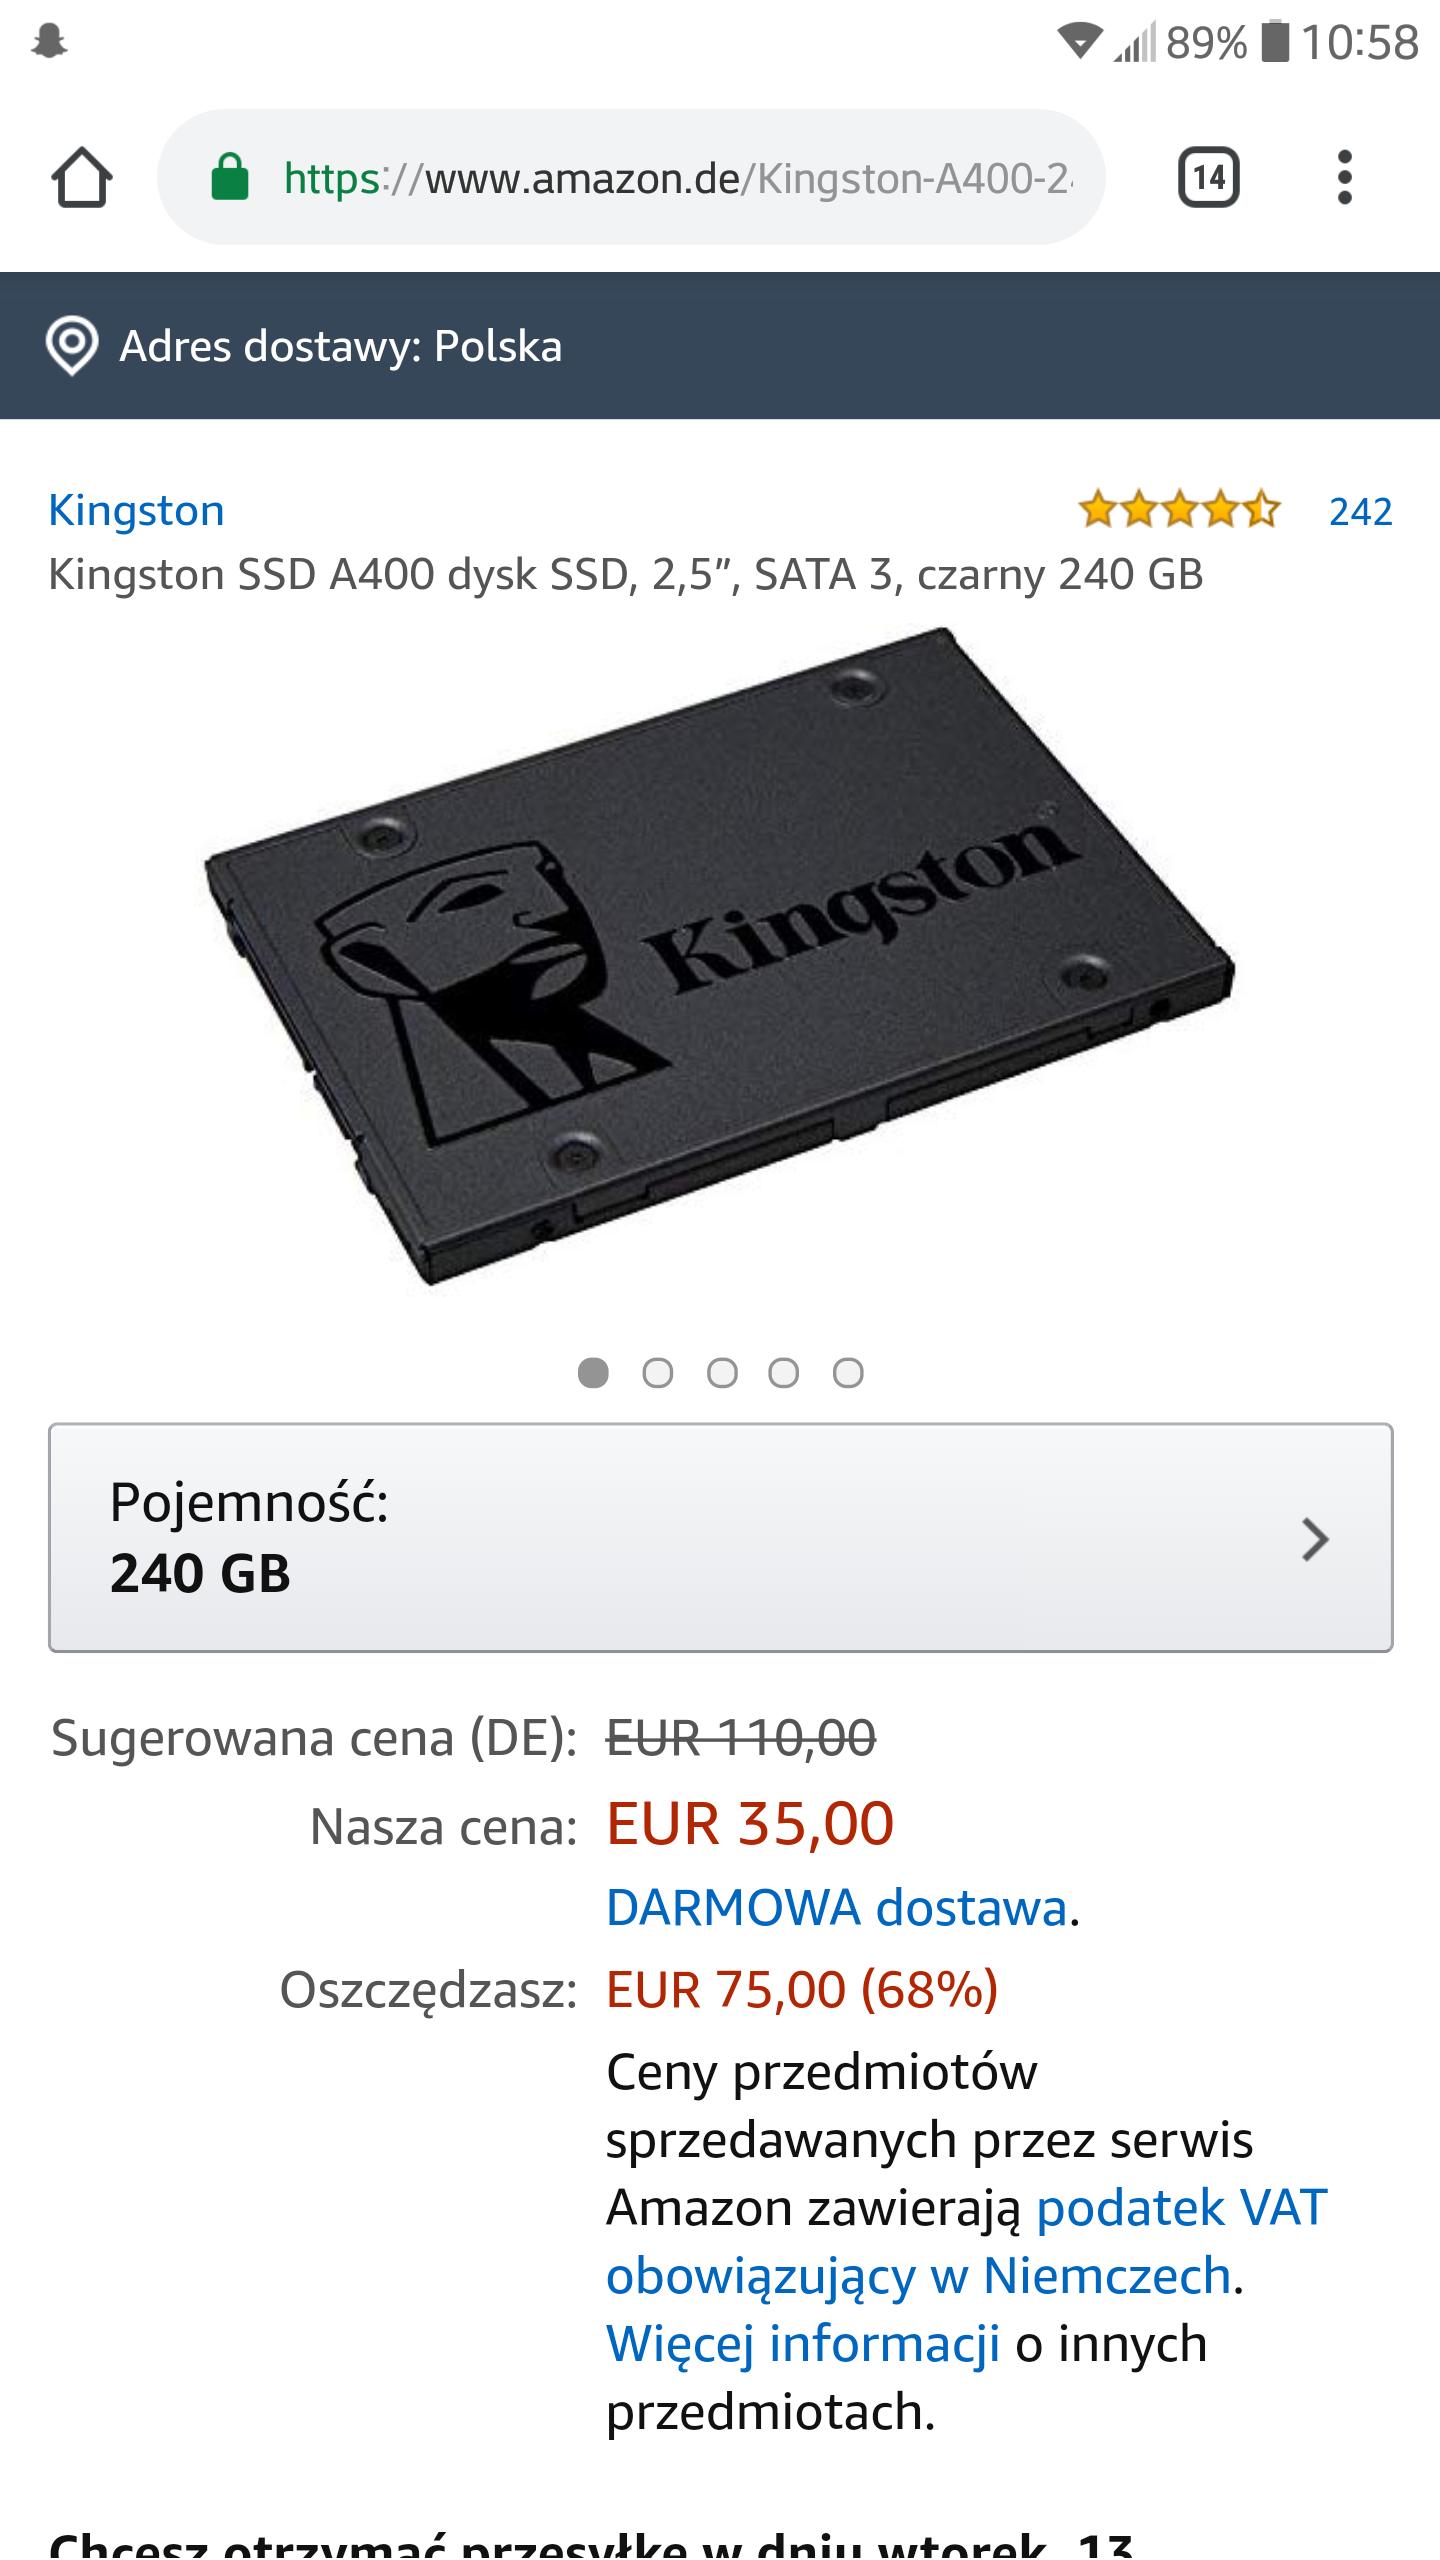 Dysk SSD Kingston A400 240GB amazon.de